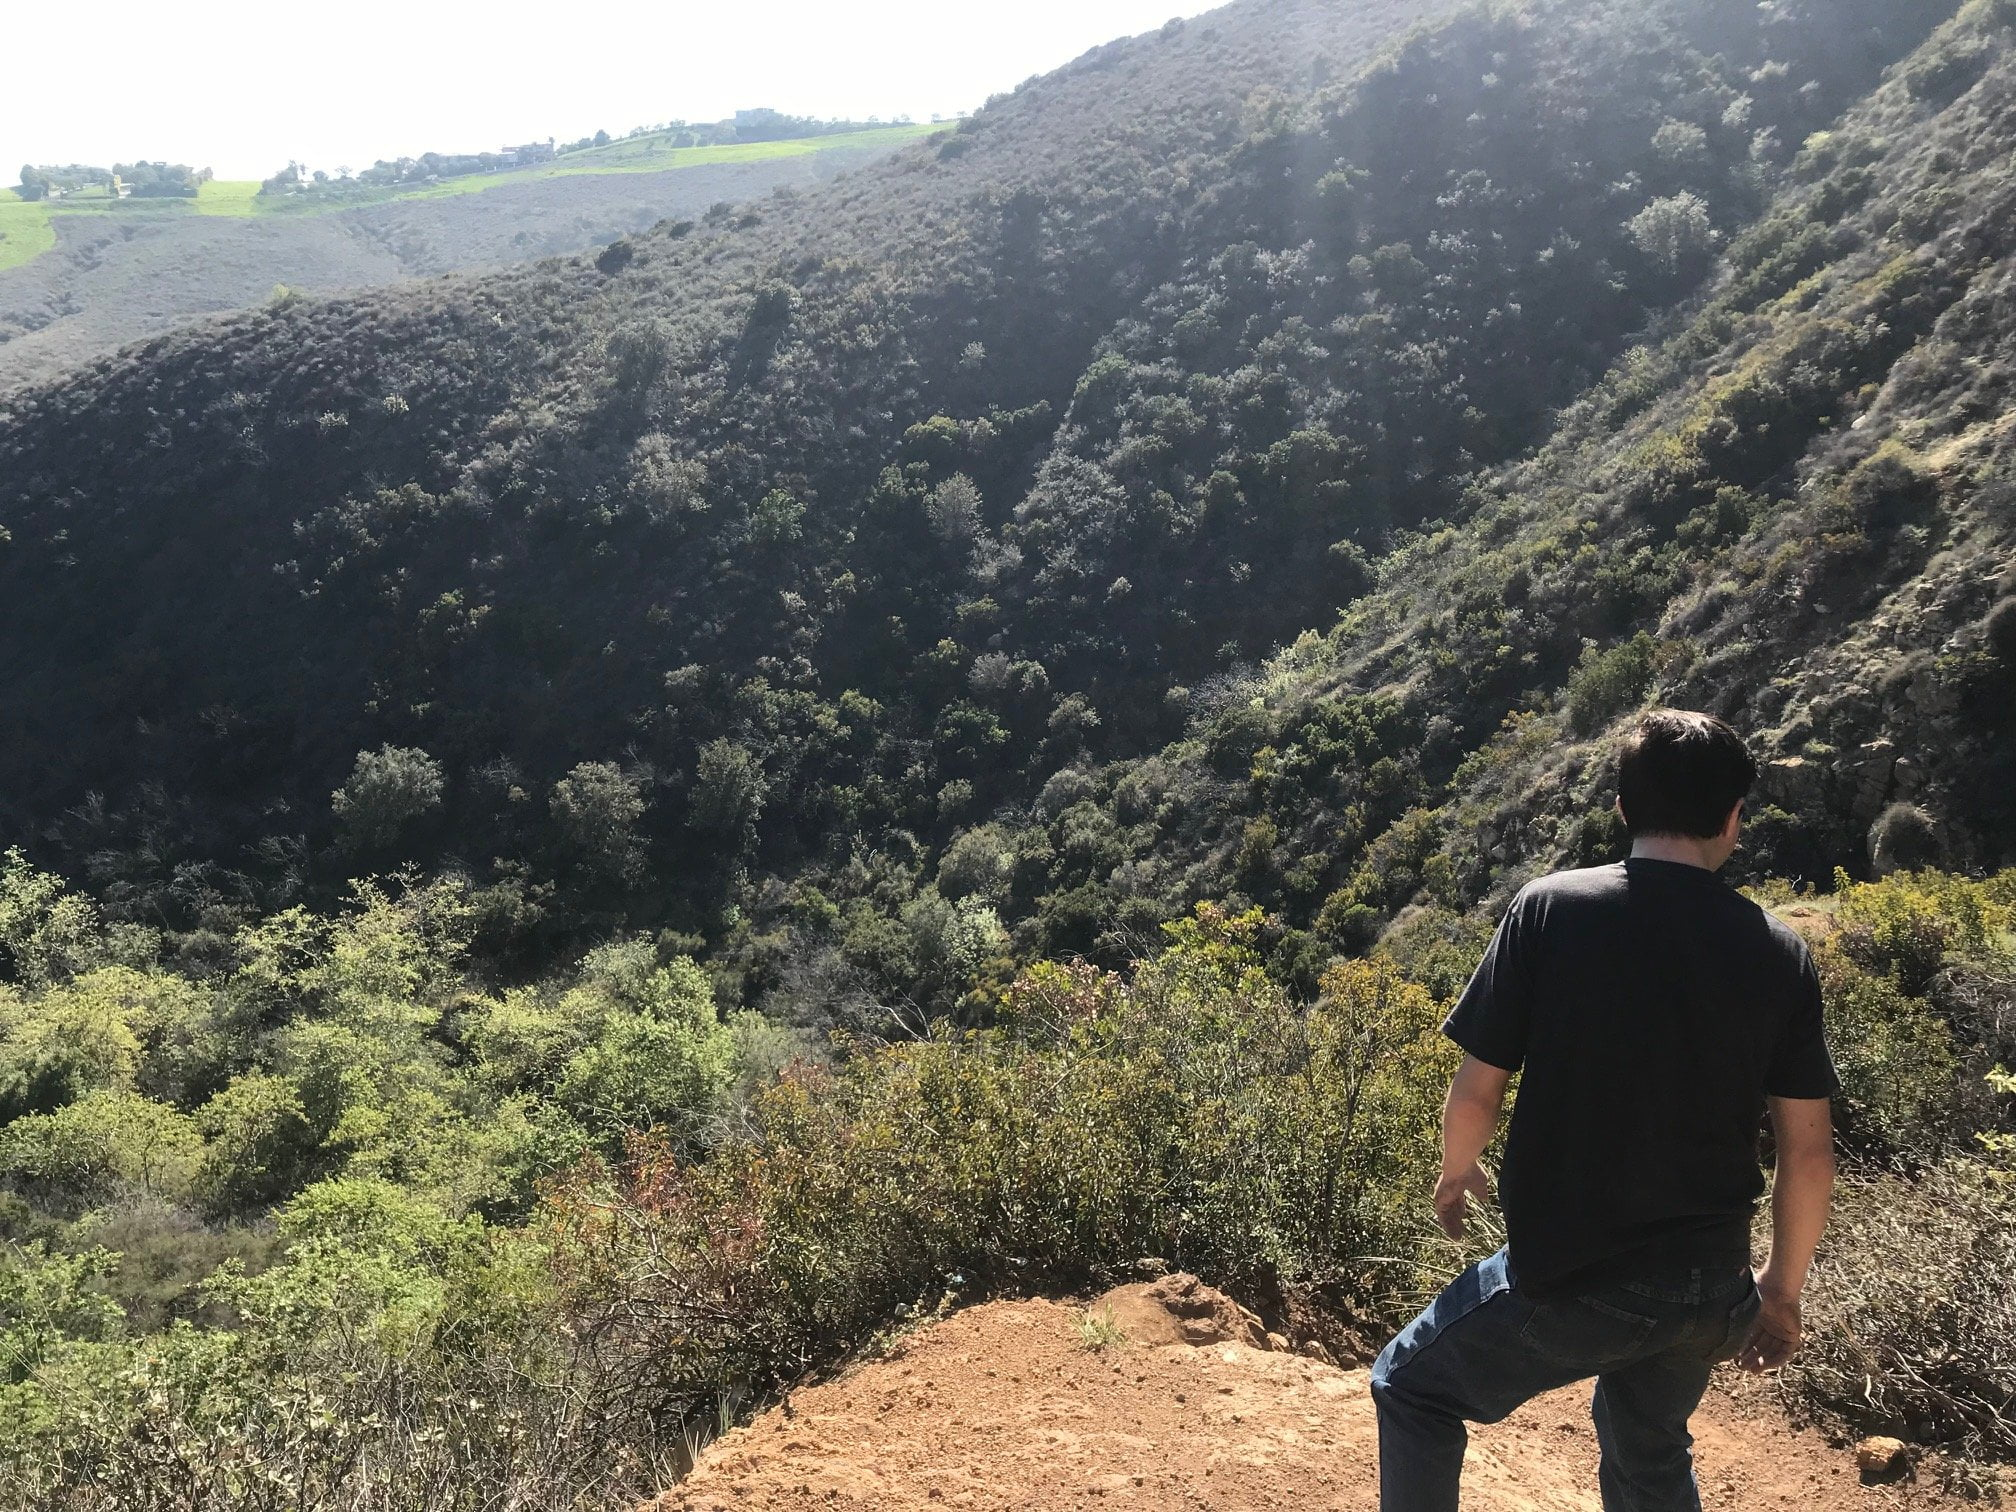 Escondido Falls canyon